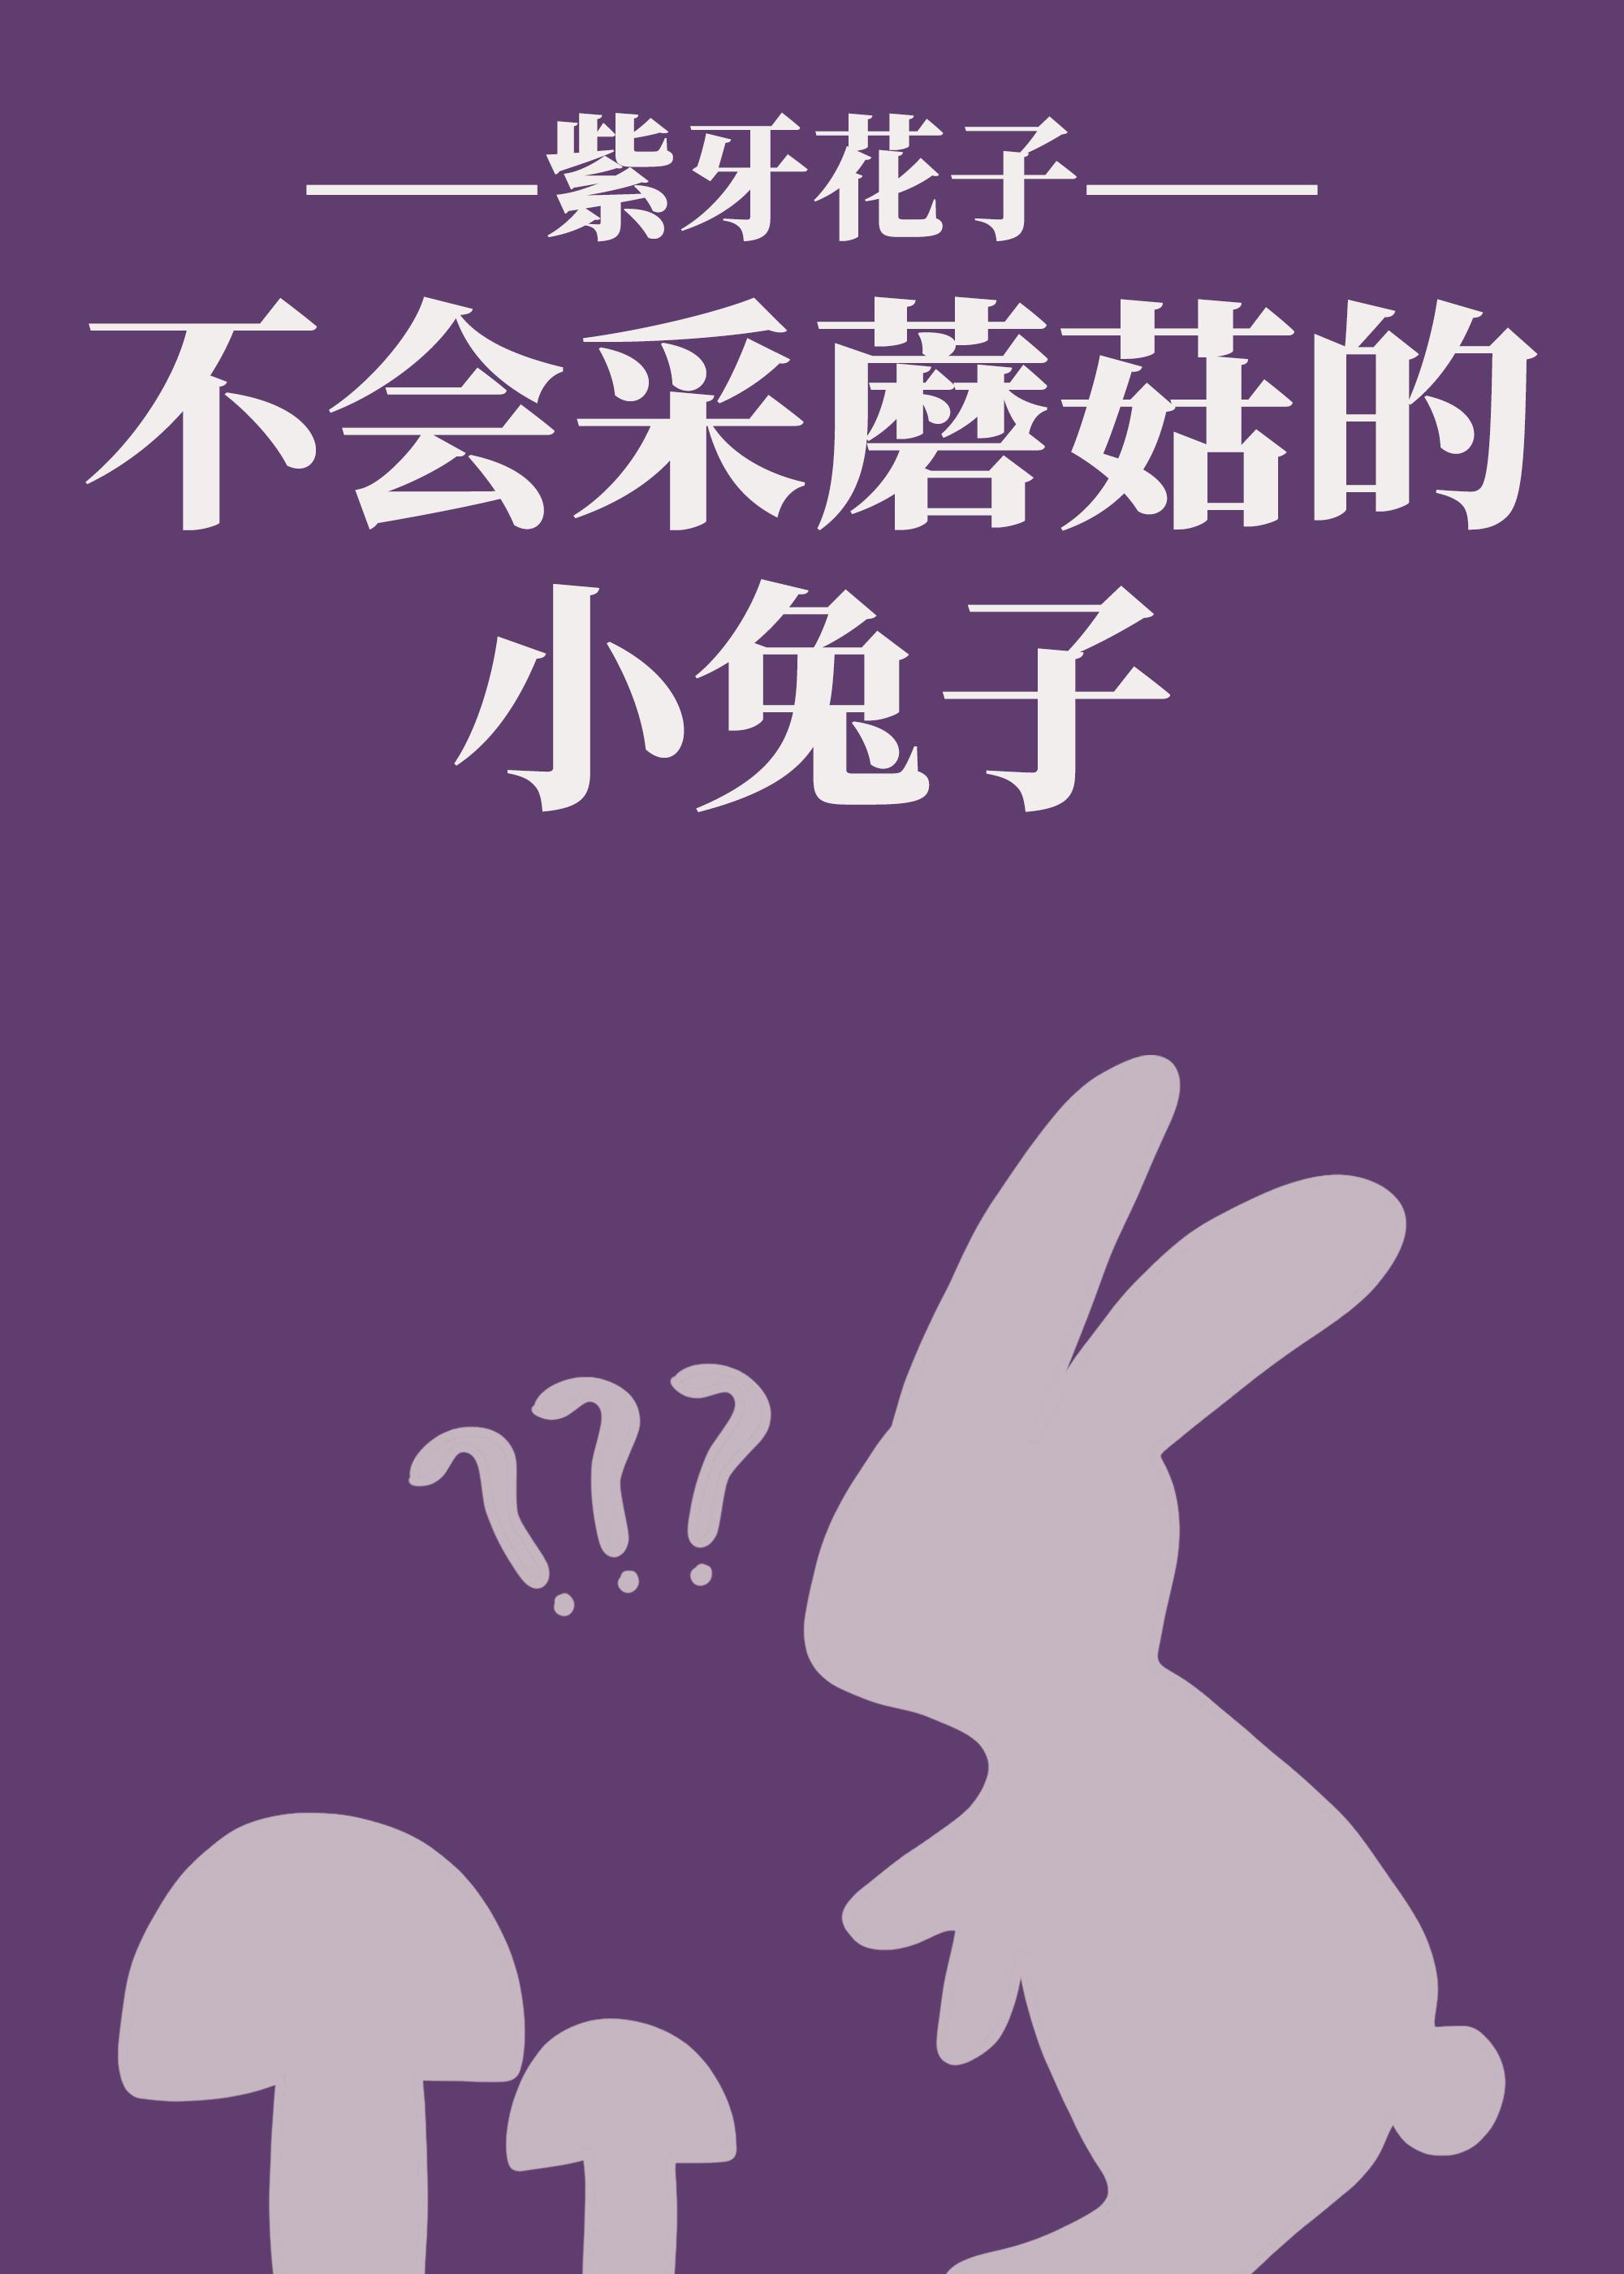 不會采蘑菇的小兔子